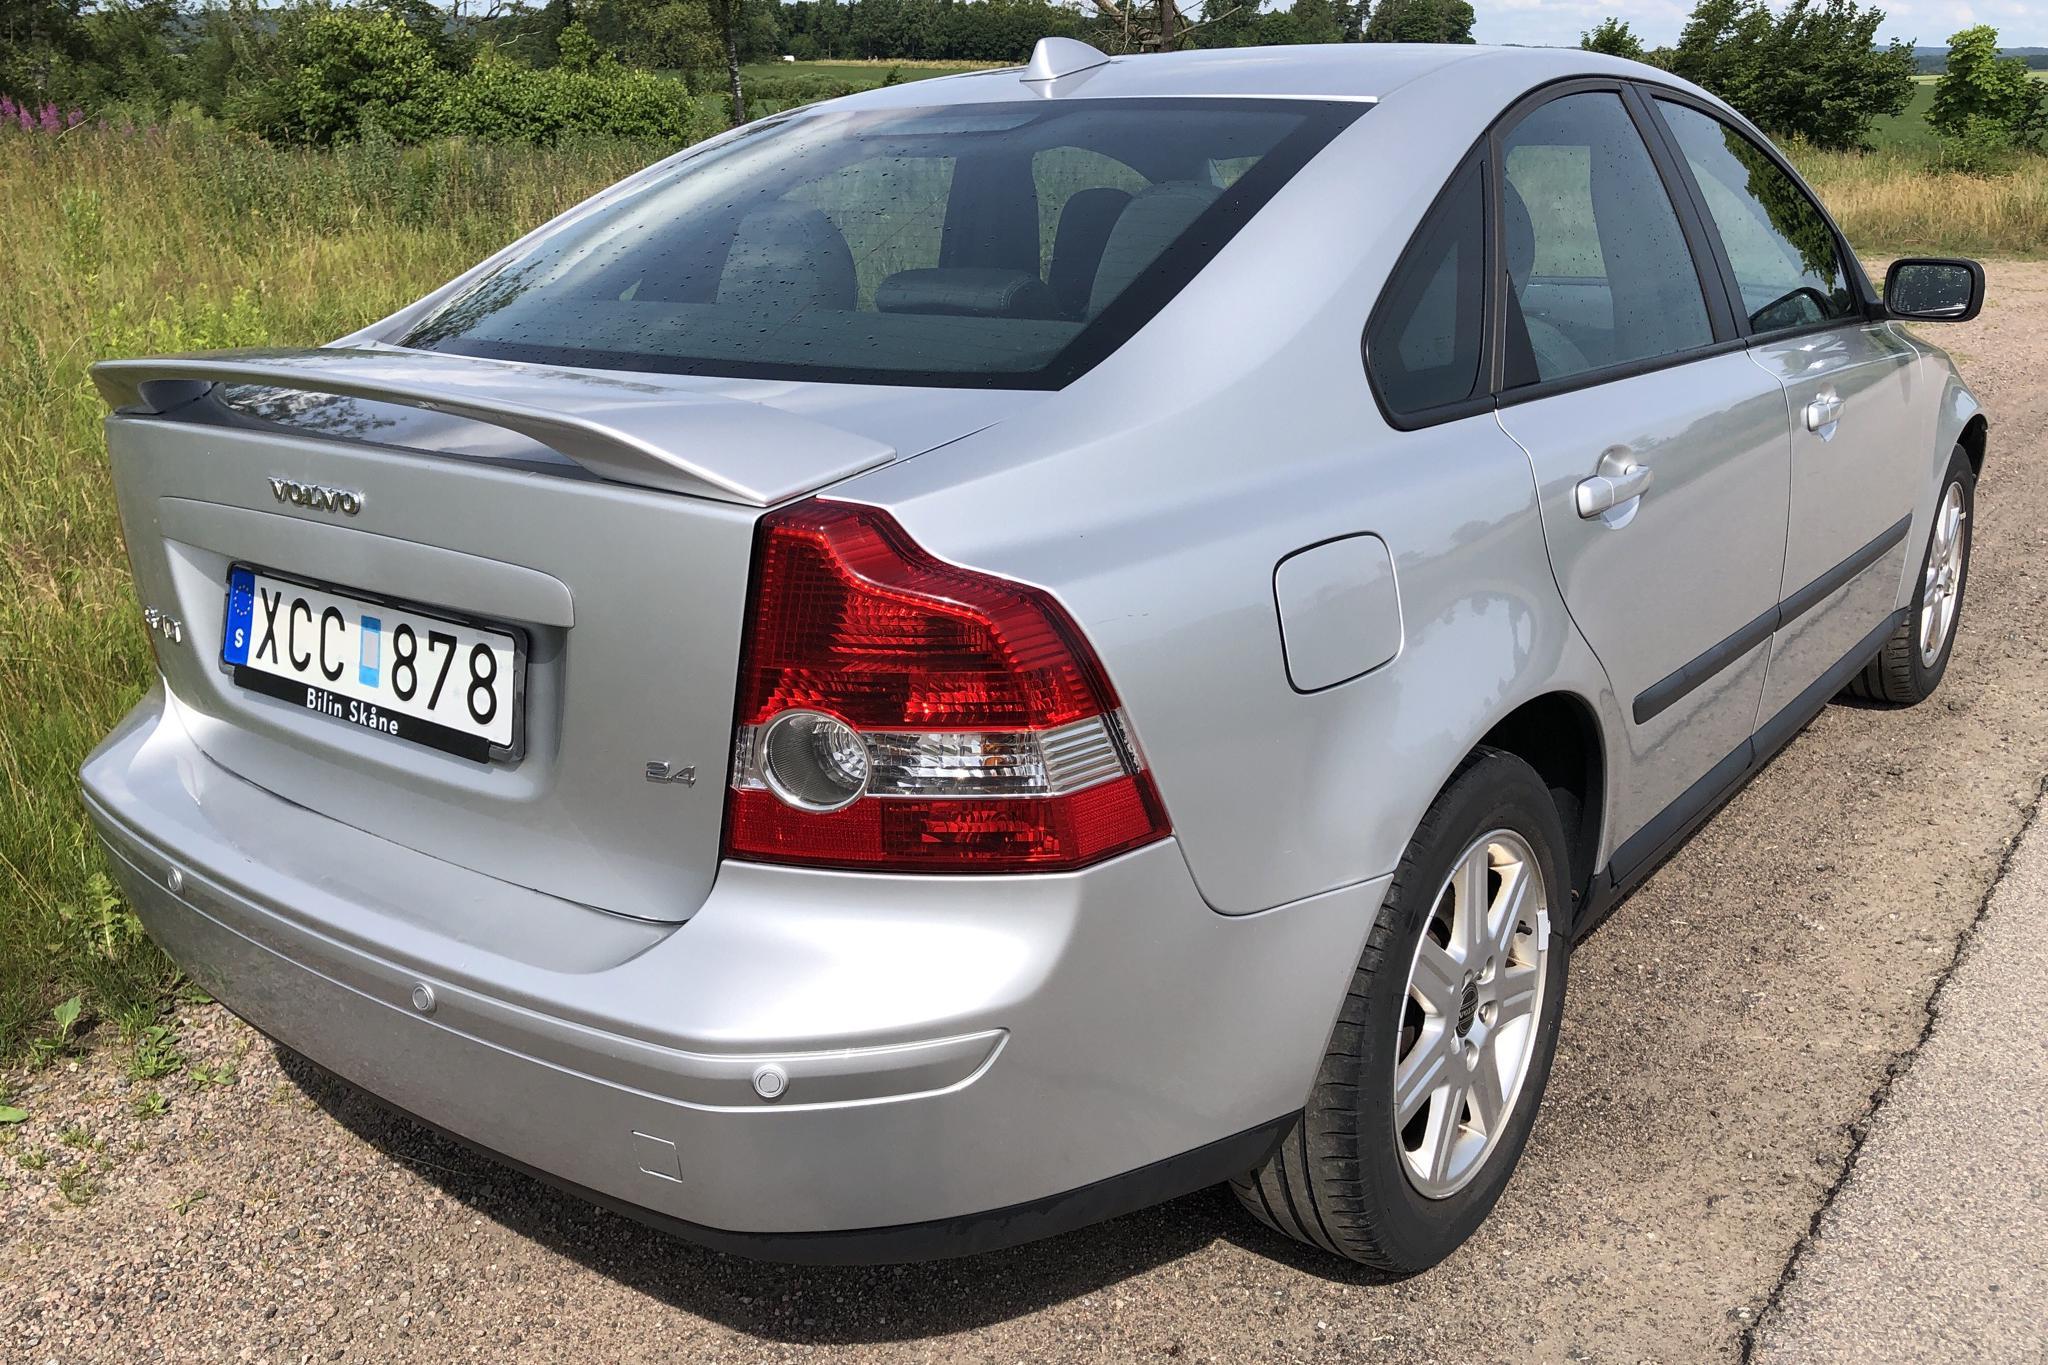 Volvo S40 2.4 (140hk) - 104 720 km - Manual - Light Grey - 2006